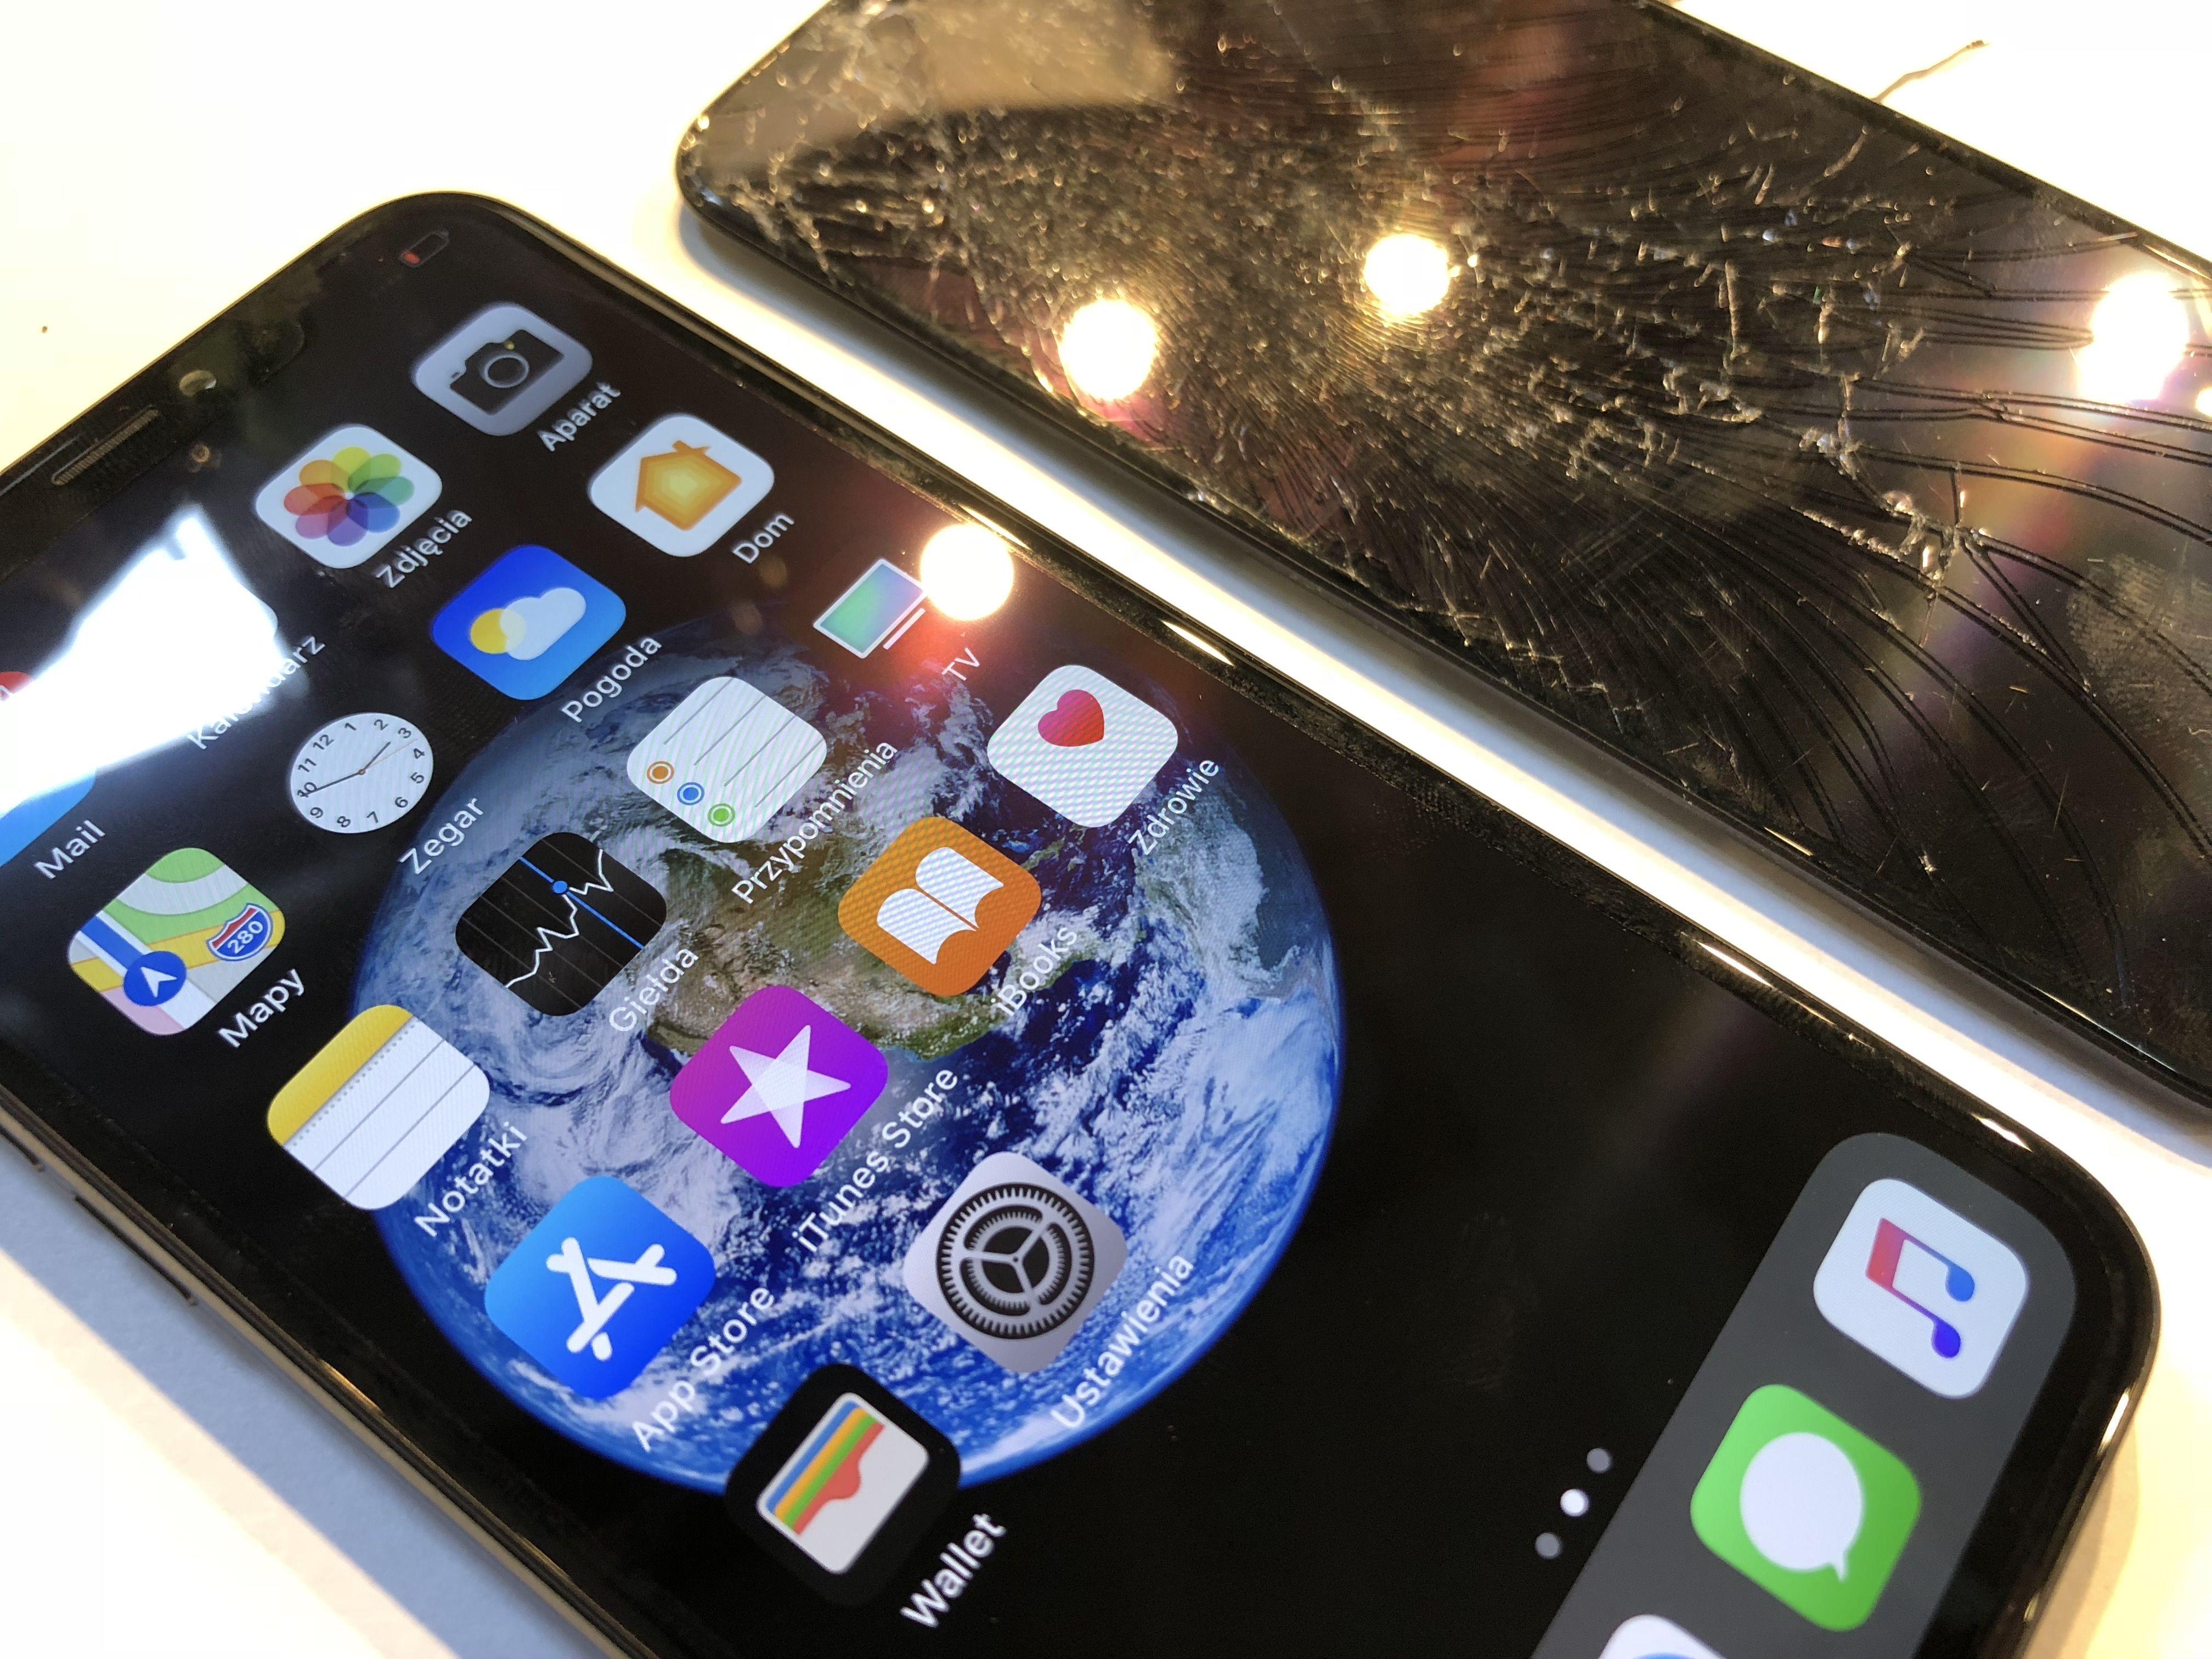 Apple znów uszkadza telefony po nieautoryzowanej wymianie ekranu! Tym razem wymieniając ekran w iPhone 8/8+/X samemu, bezpowrotnie uszkodzisz swój smartfon tuż po zainstalowaniu iOS 11.4.1 i nowszego!